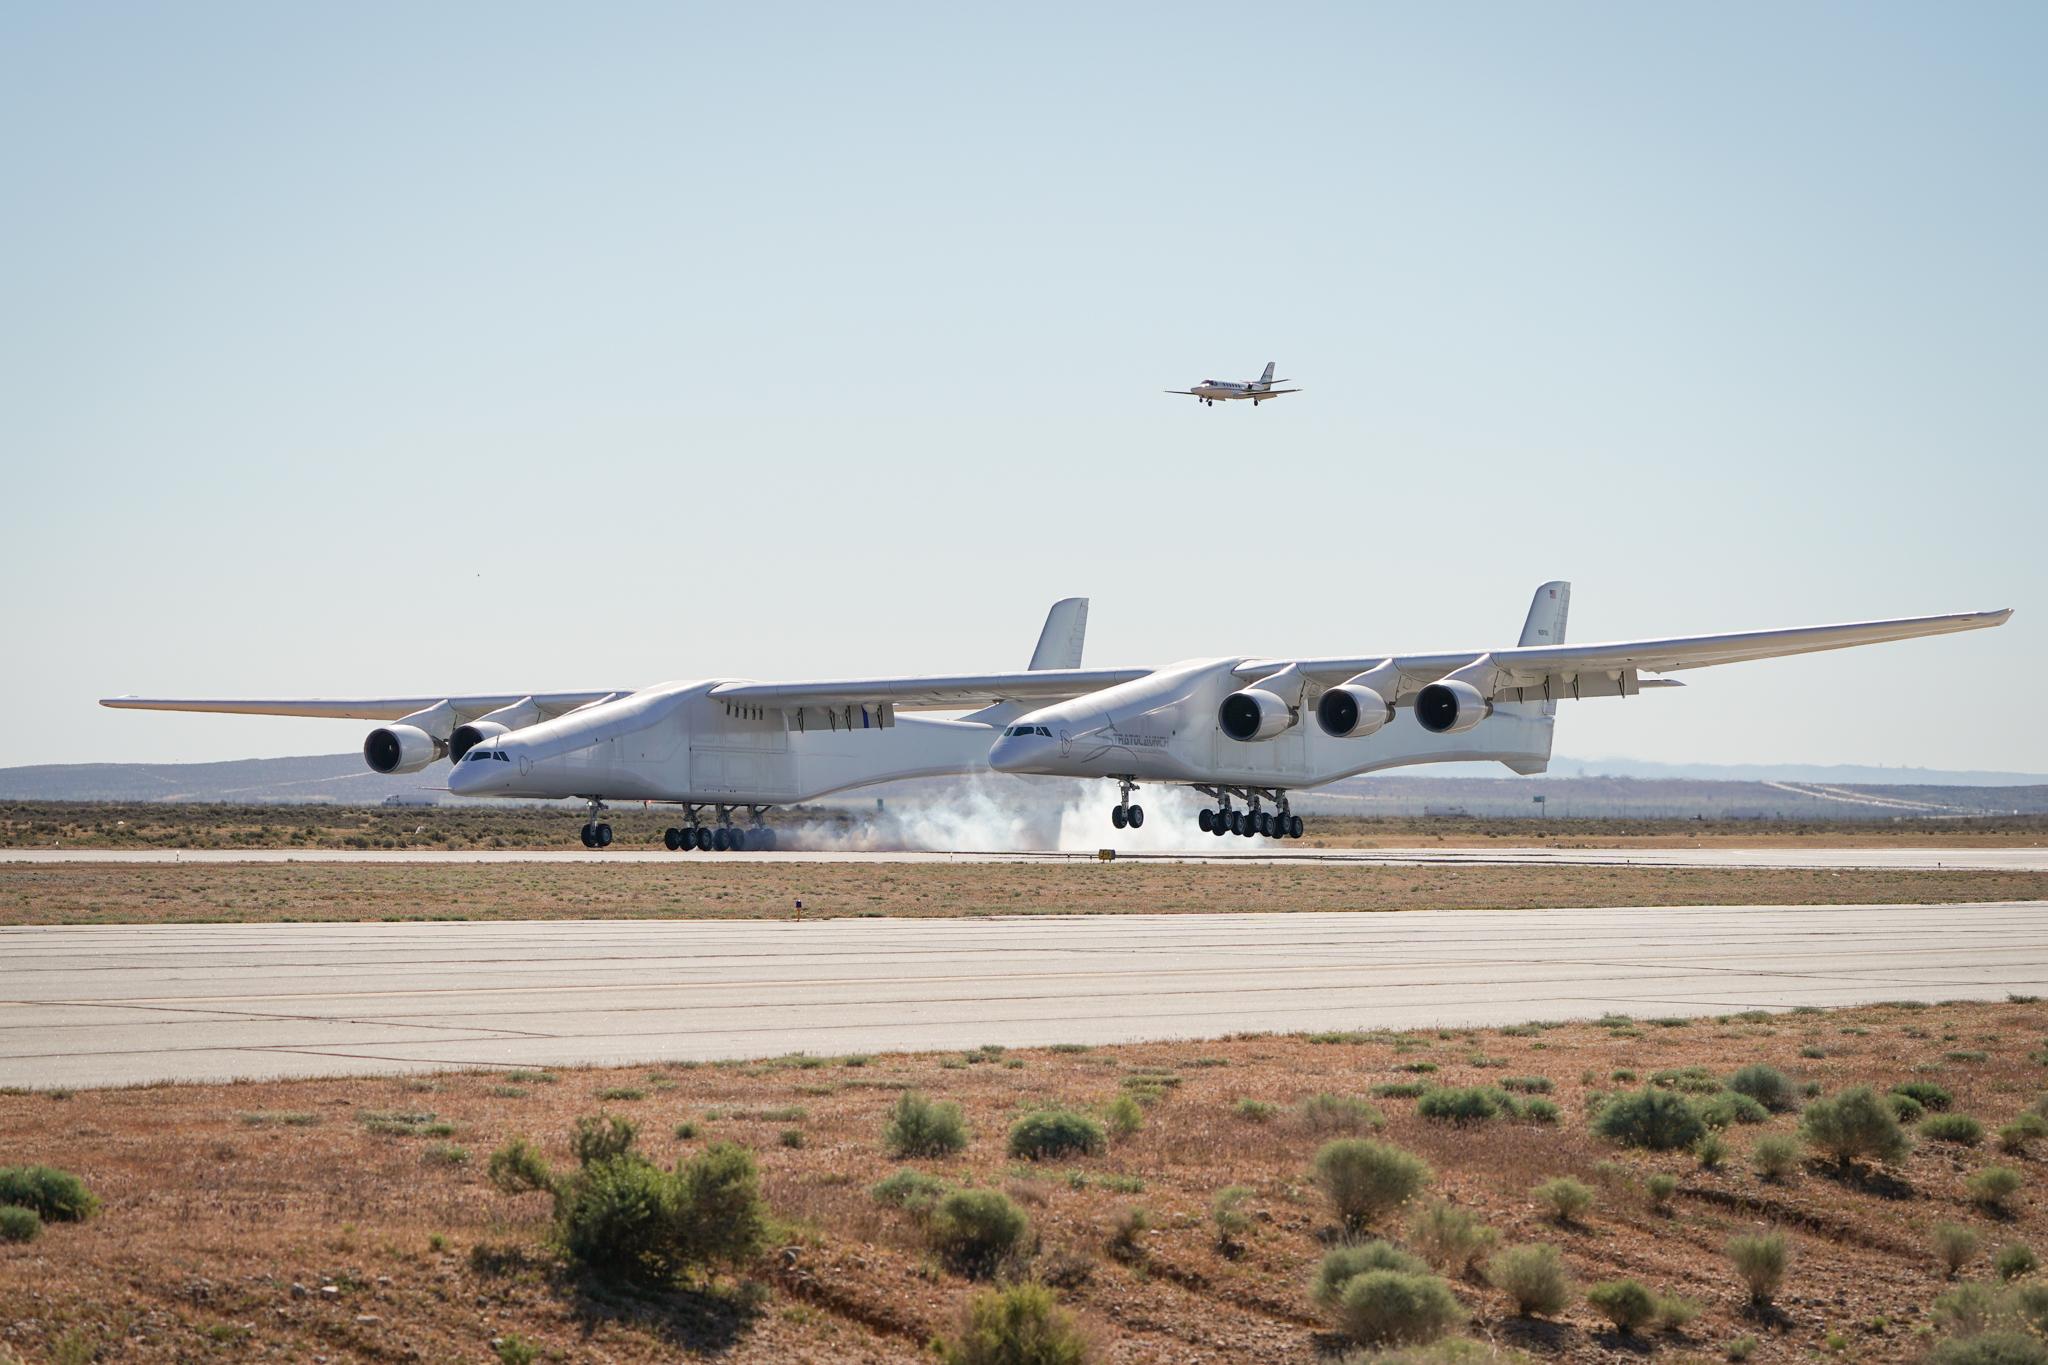 حلقت الطائرة لمدة ساعتين ووصلت سرعتها القصوى إلى 175 ميلا بالساعة